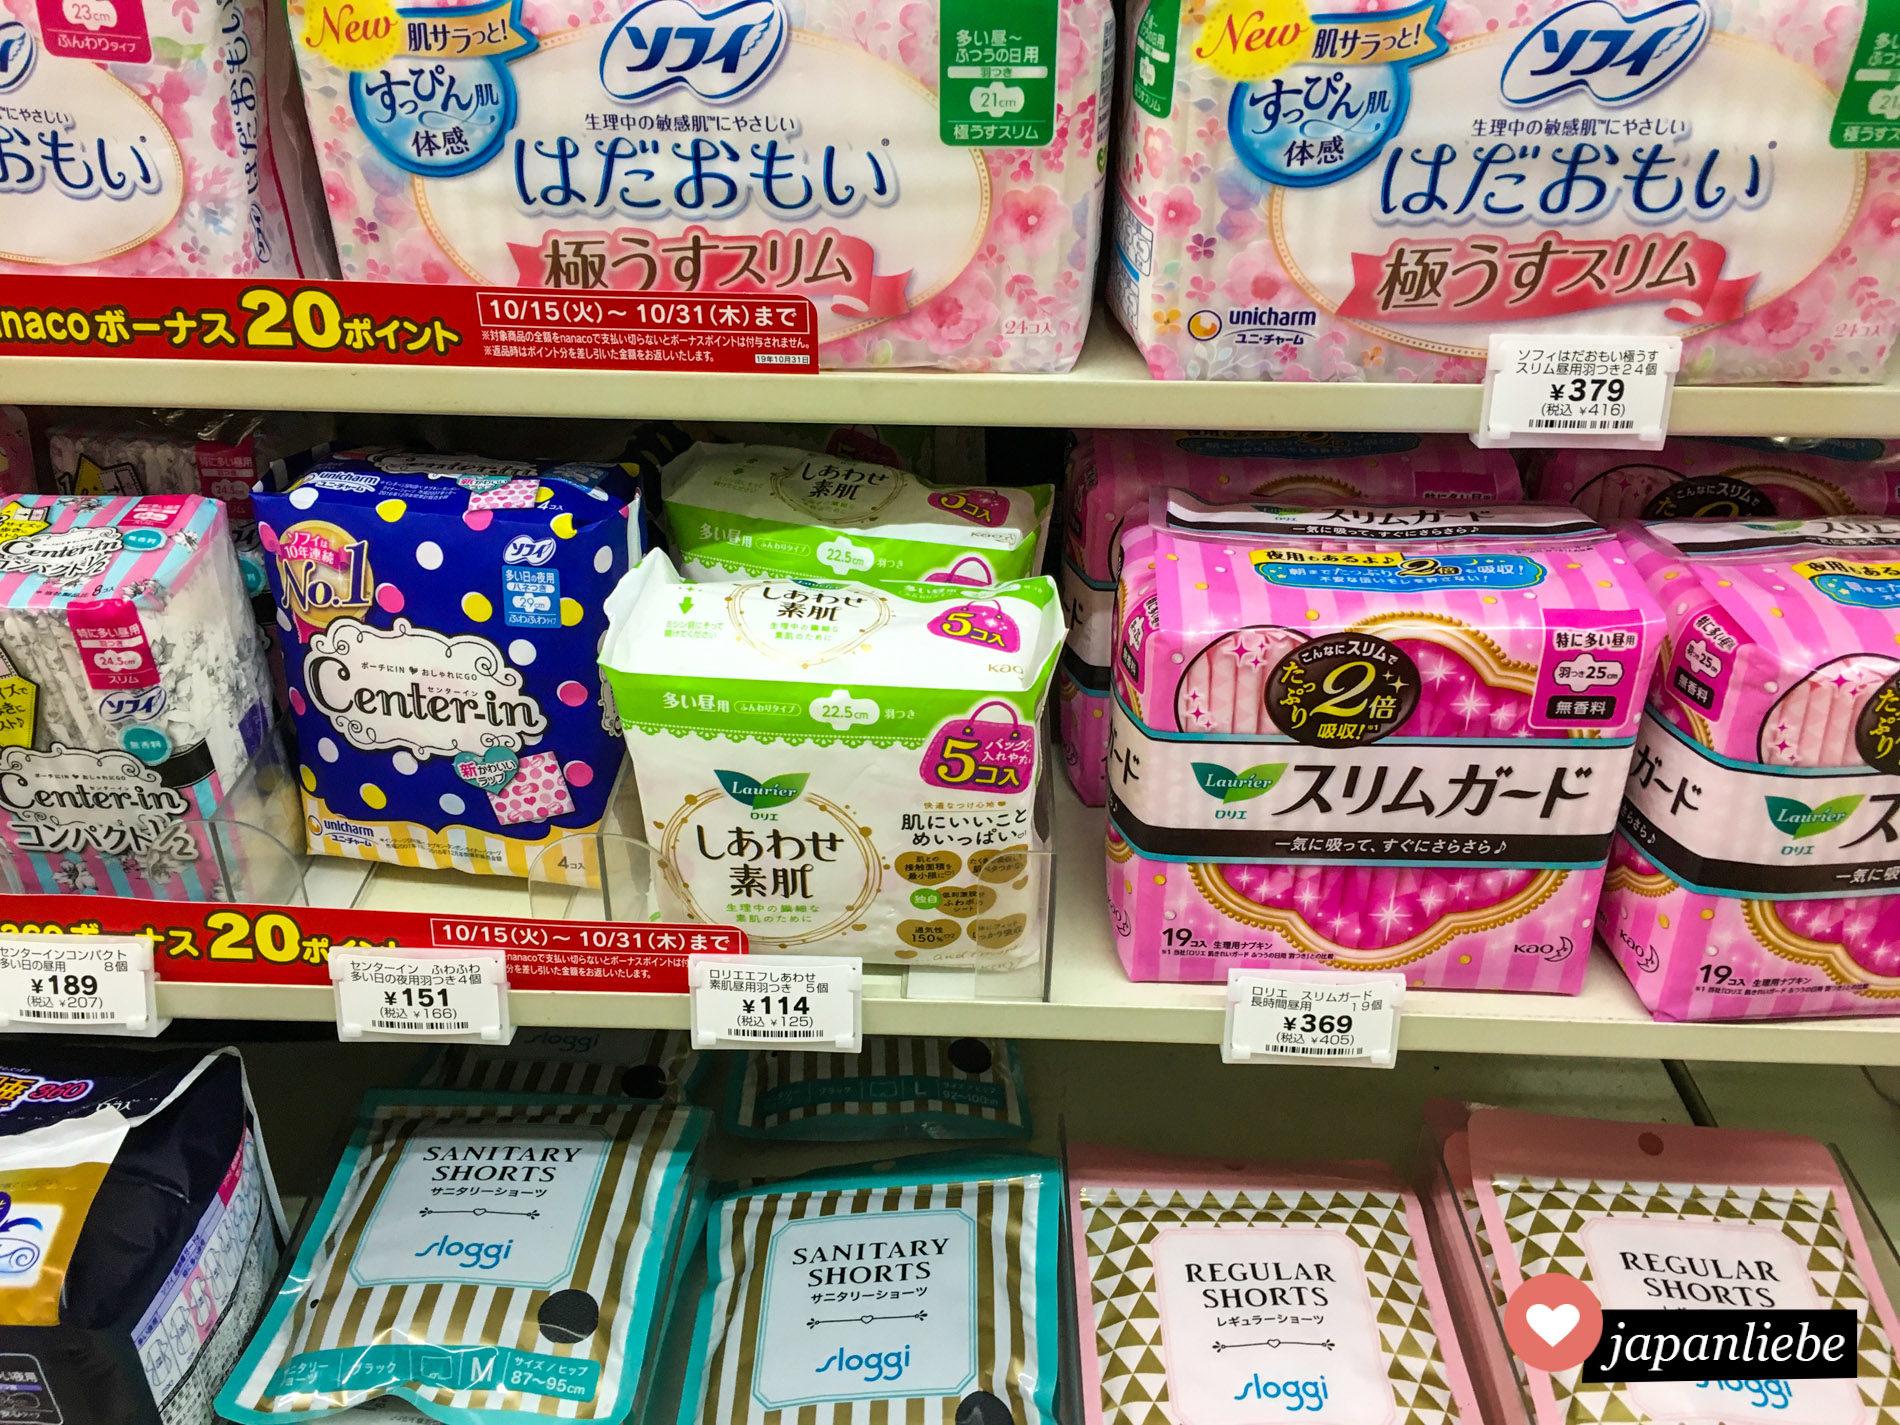 Binden und sogar Perioden-Höschen gibt es in japanischen Supermärkten in einer riesigen Auswahl, bei Tampons sieht es hingegen mager aus.